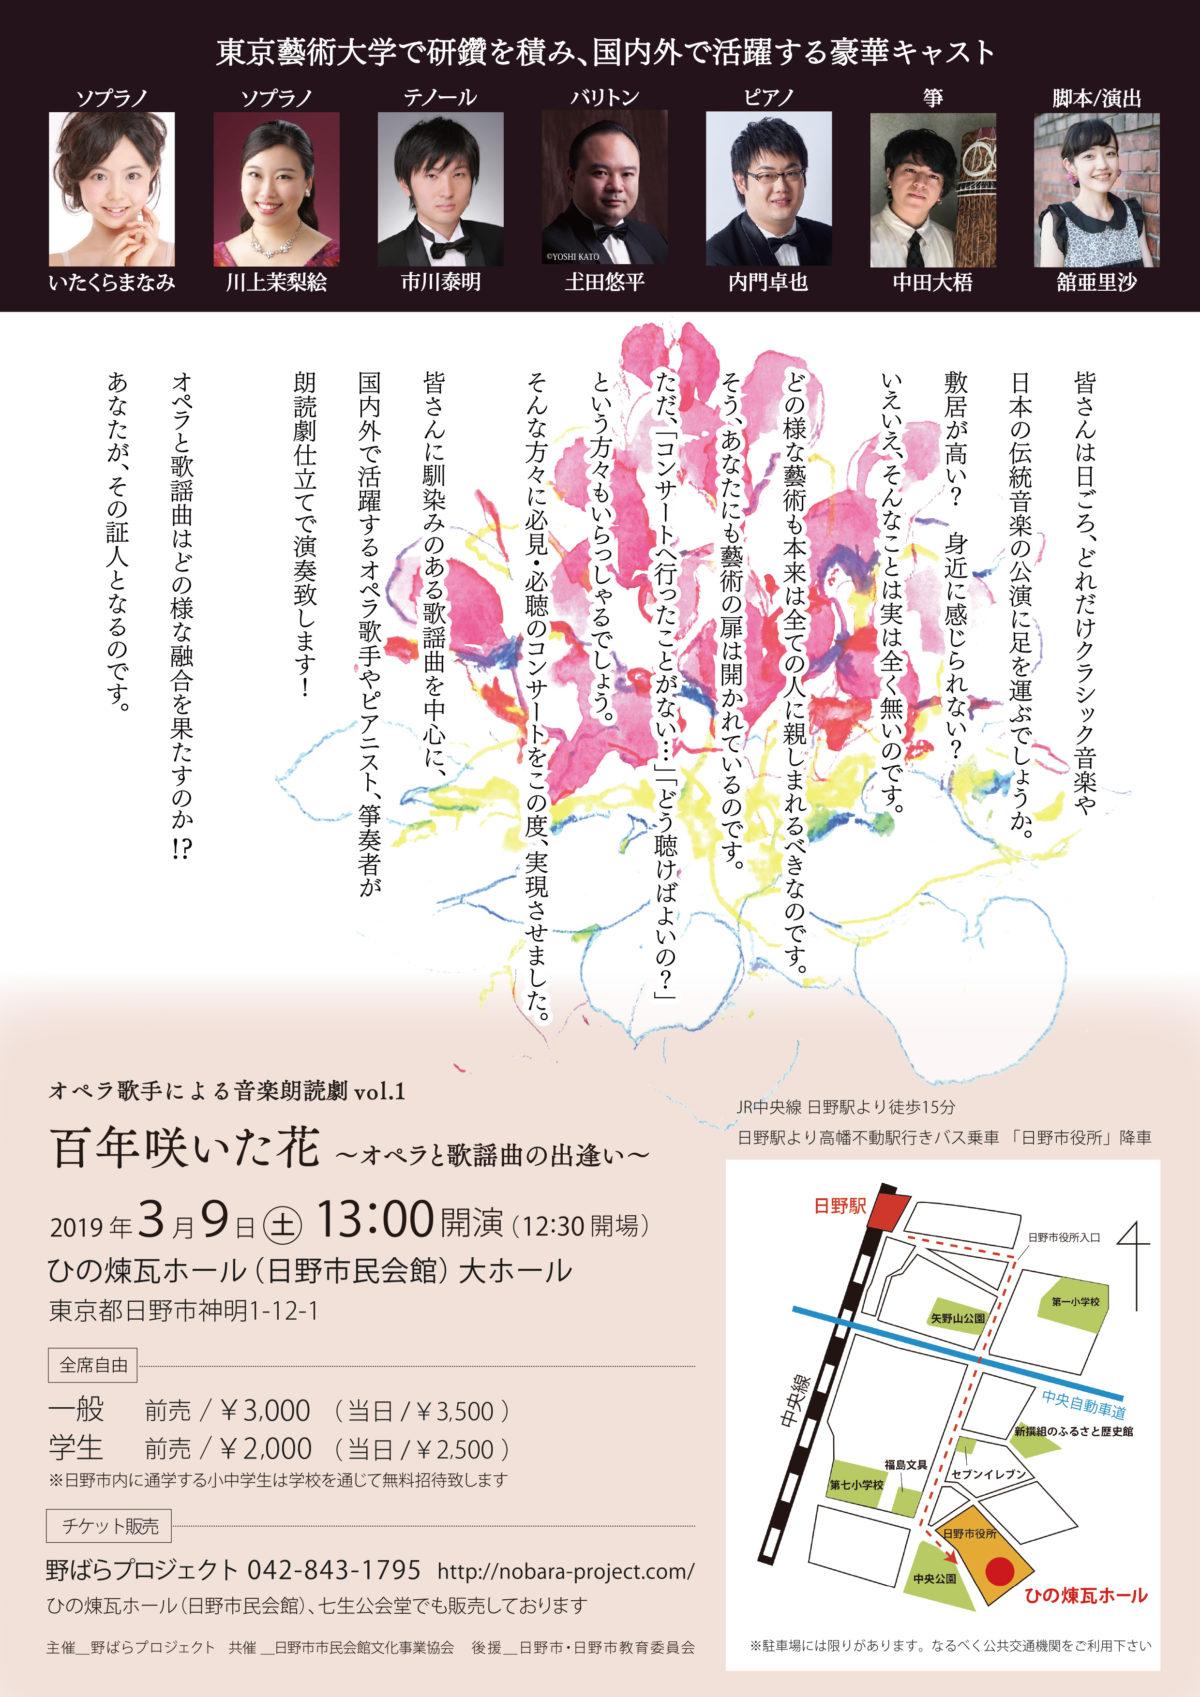 百年咲いた花 リーフレット表